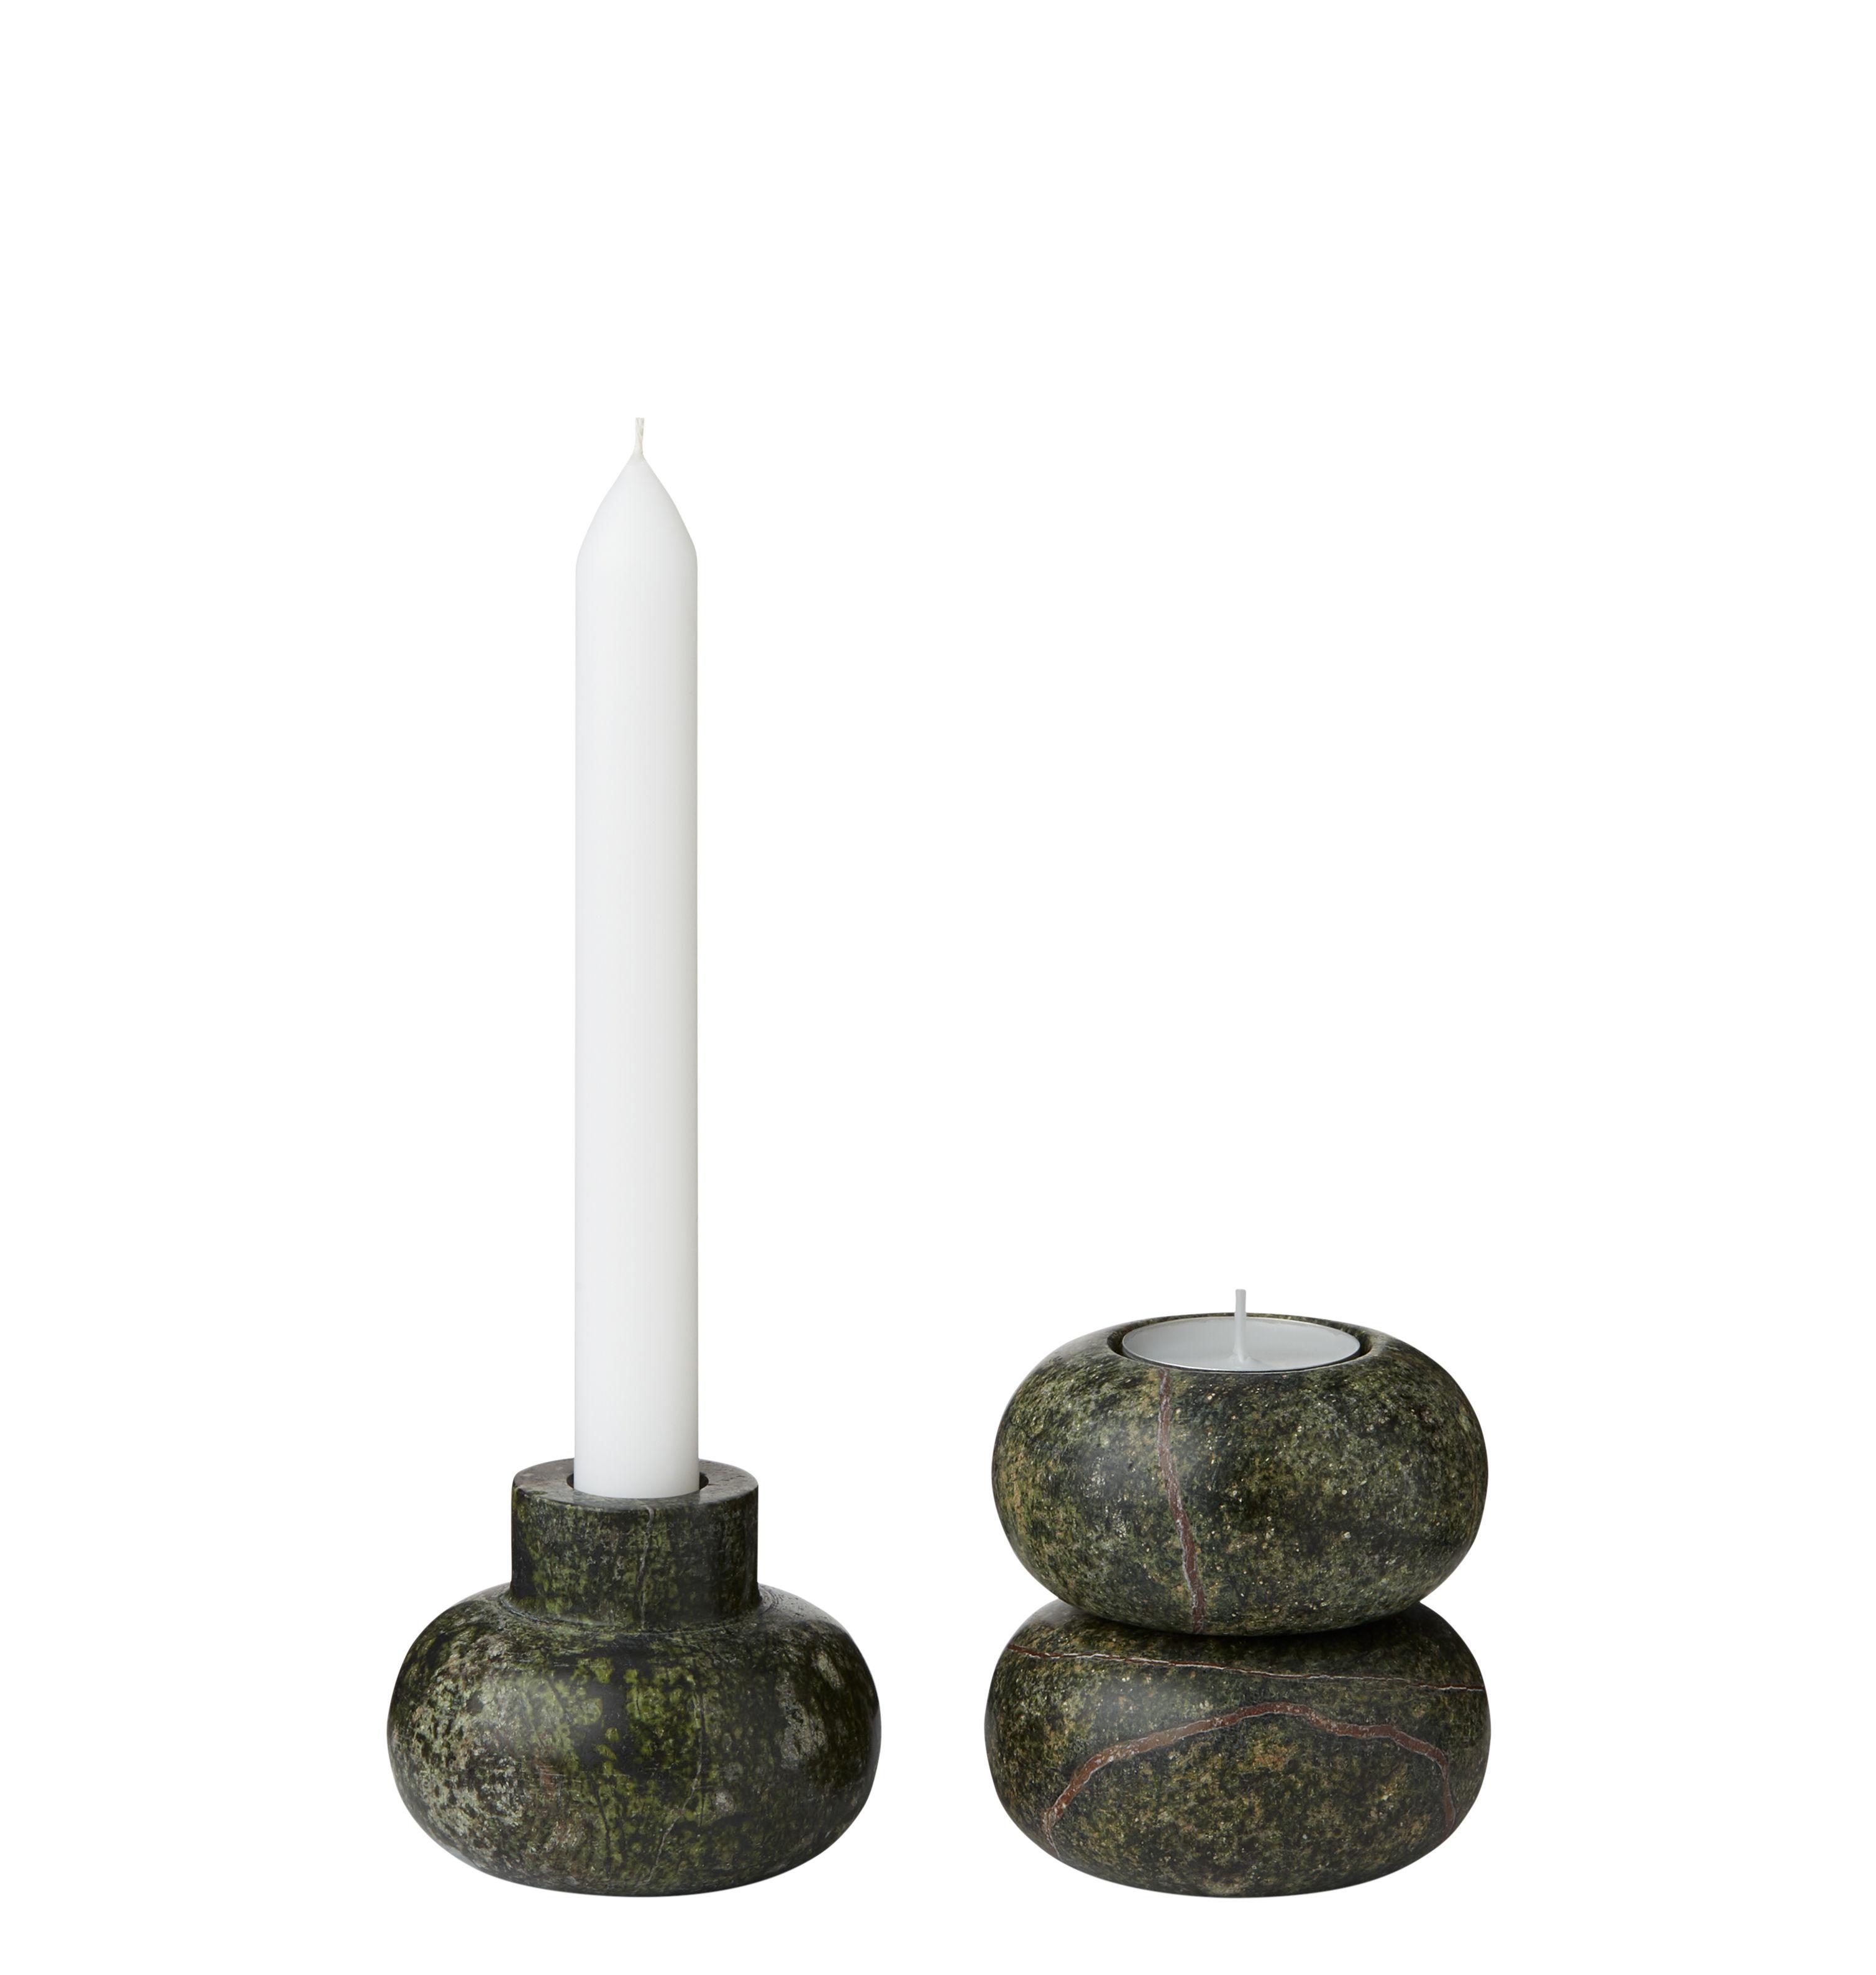 Dekoration - Kerzen, Kerzenleuchter und Windlichter - Rock Small Kerzenleuchter / Marmor - variabel - Tom Dixon - Klein / grün - Marmor